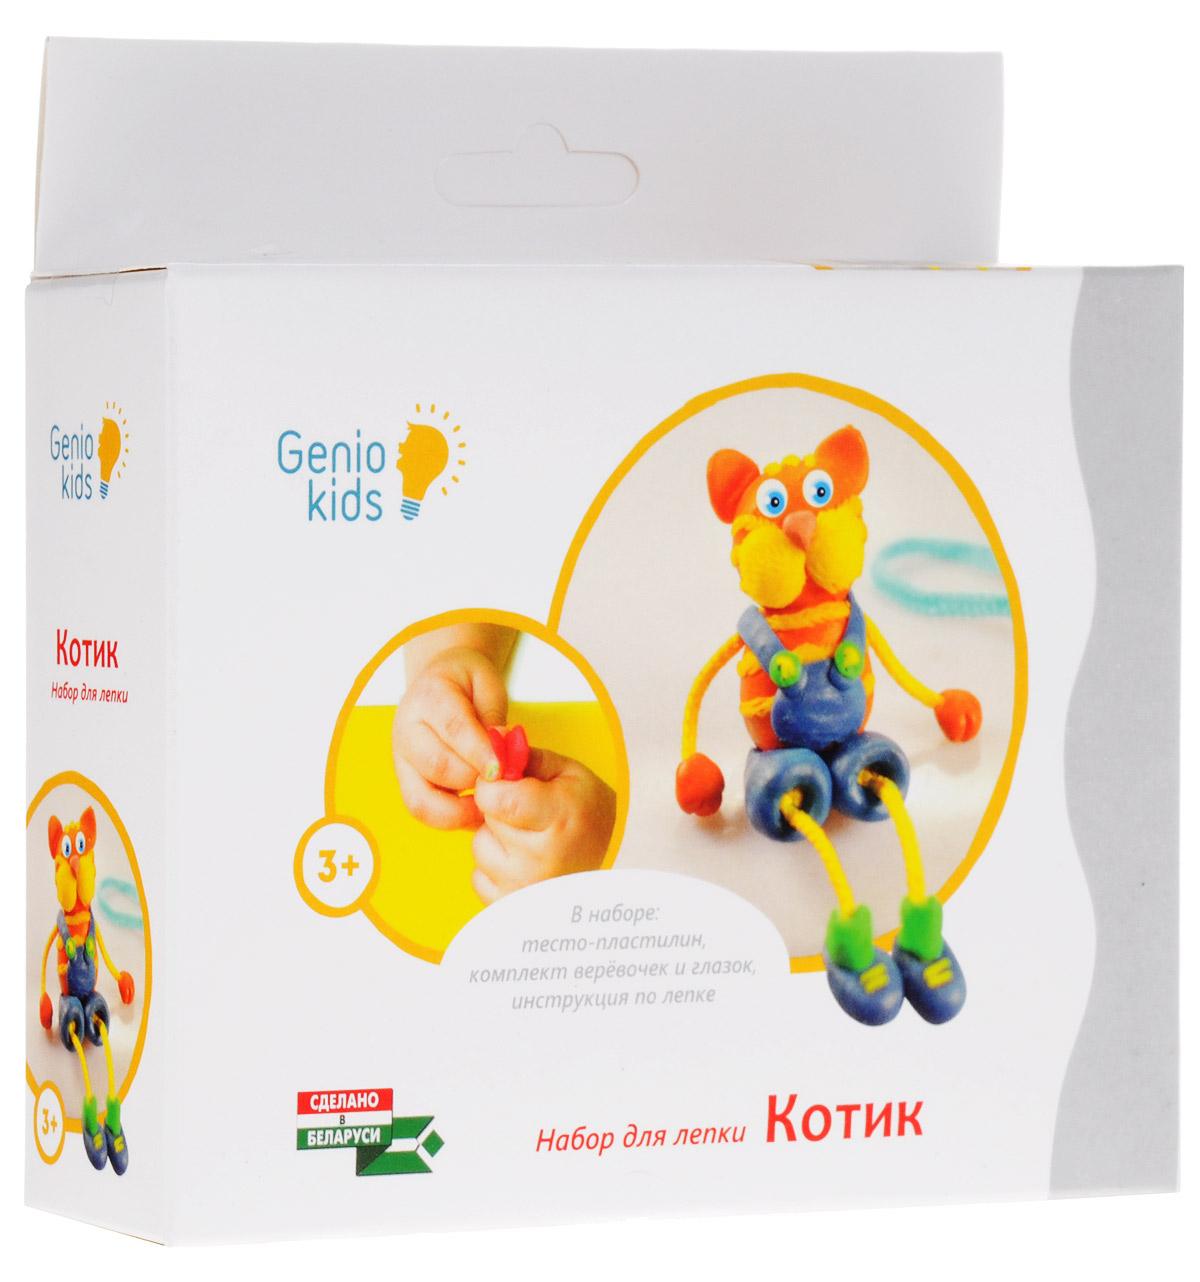 Genio Kids Набор для лепки КотикTA1076-1Набор для лепки Genio Kids Котик - это полезное и увлекательное занятие для детей. Процесс лепки стимулирует развитие творческих способностей, мышления и воображения у ребенка, развивает мелкую моторику, знакомит с формой и цветом предметов, является прекрасным развлечением и доставляет огромное удовольствие. В набор входит 4 пакетика с тестом-пластилином, веревочка, глазки и инструкция по лепке.